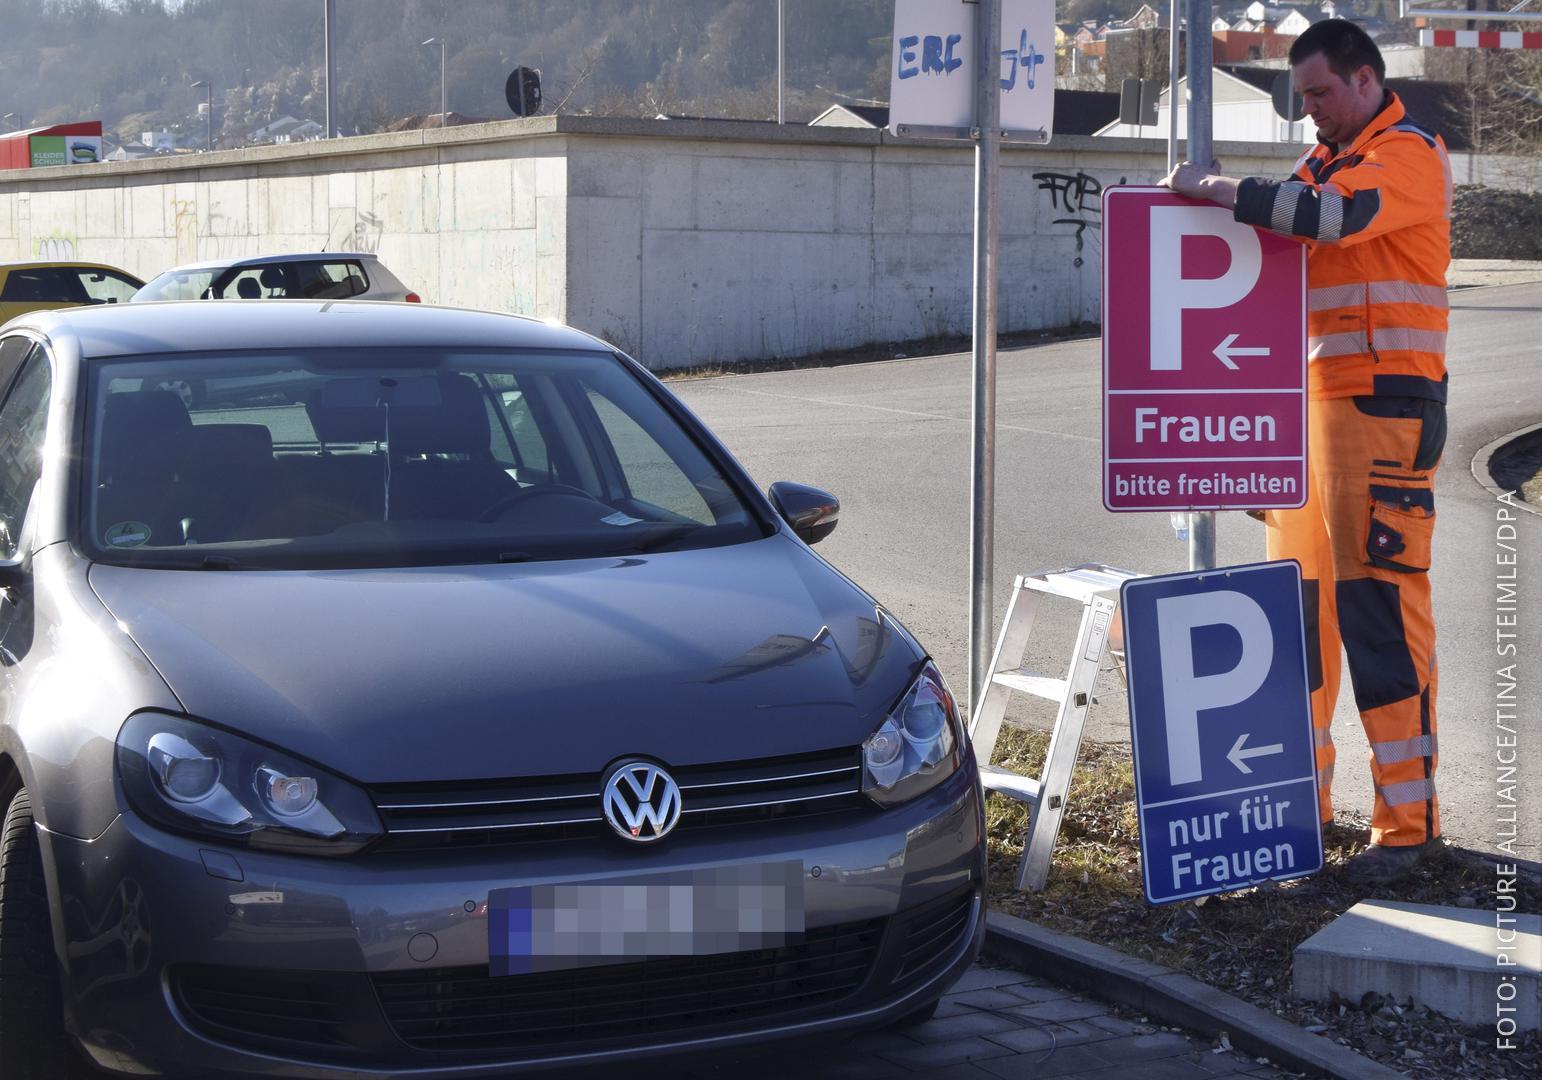 Pinke Parkplatzschilder werden aufgehängt